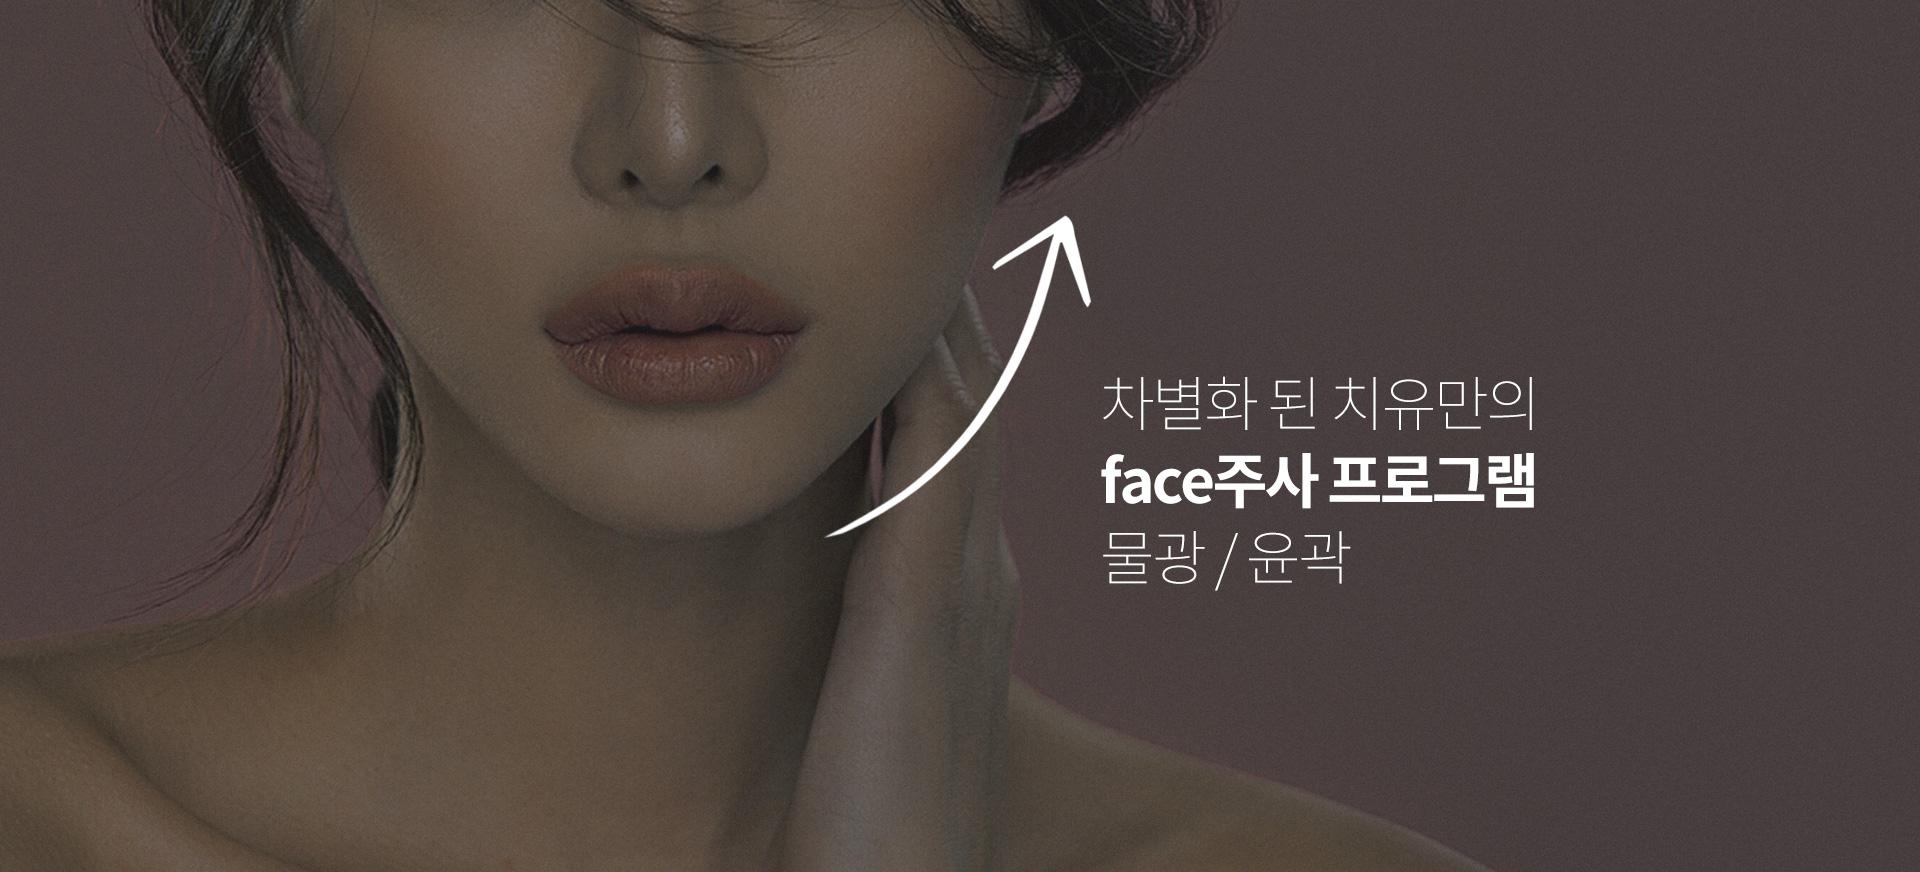 face주사 01